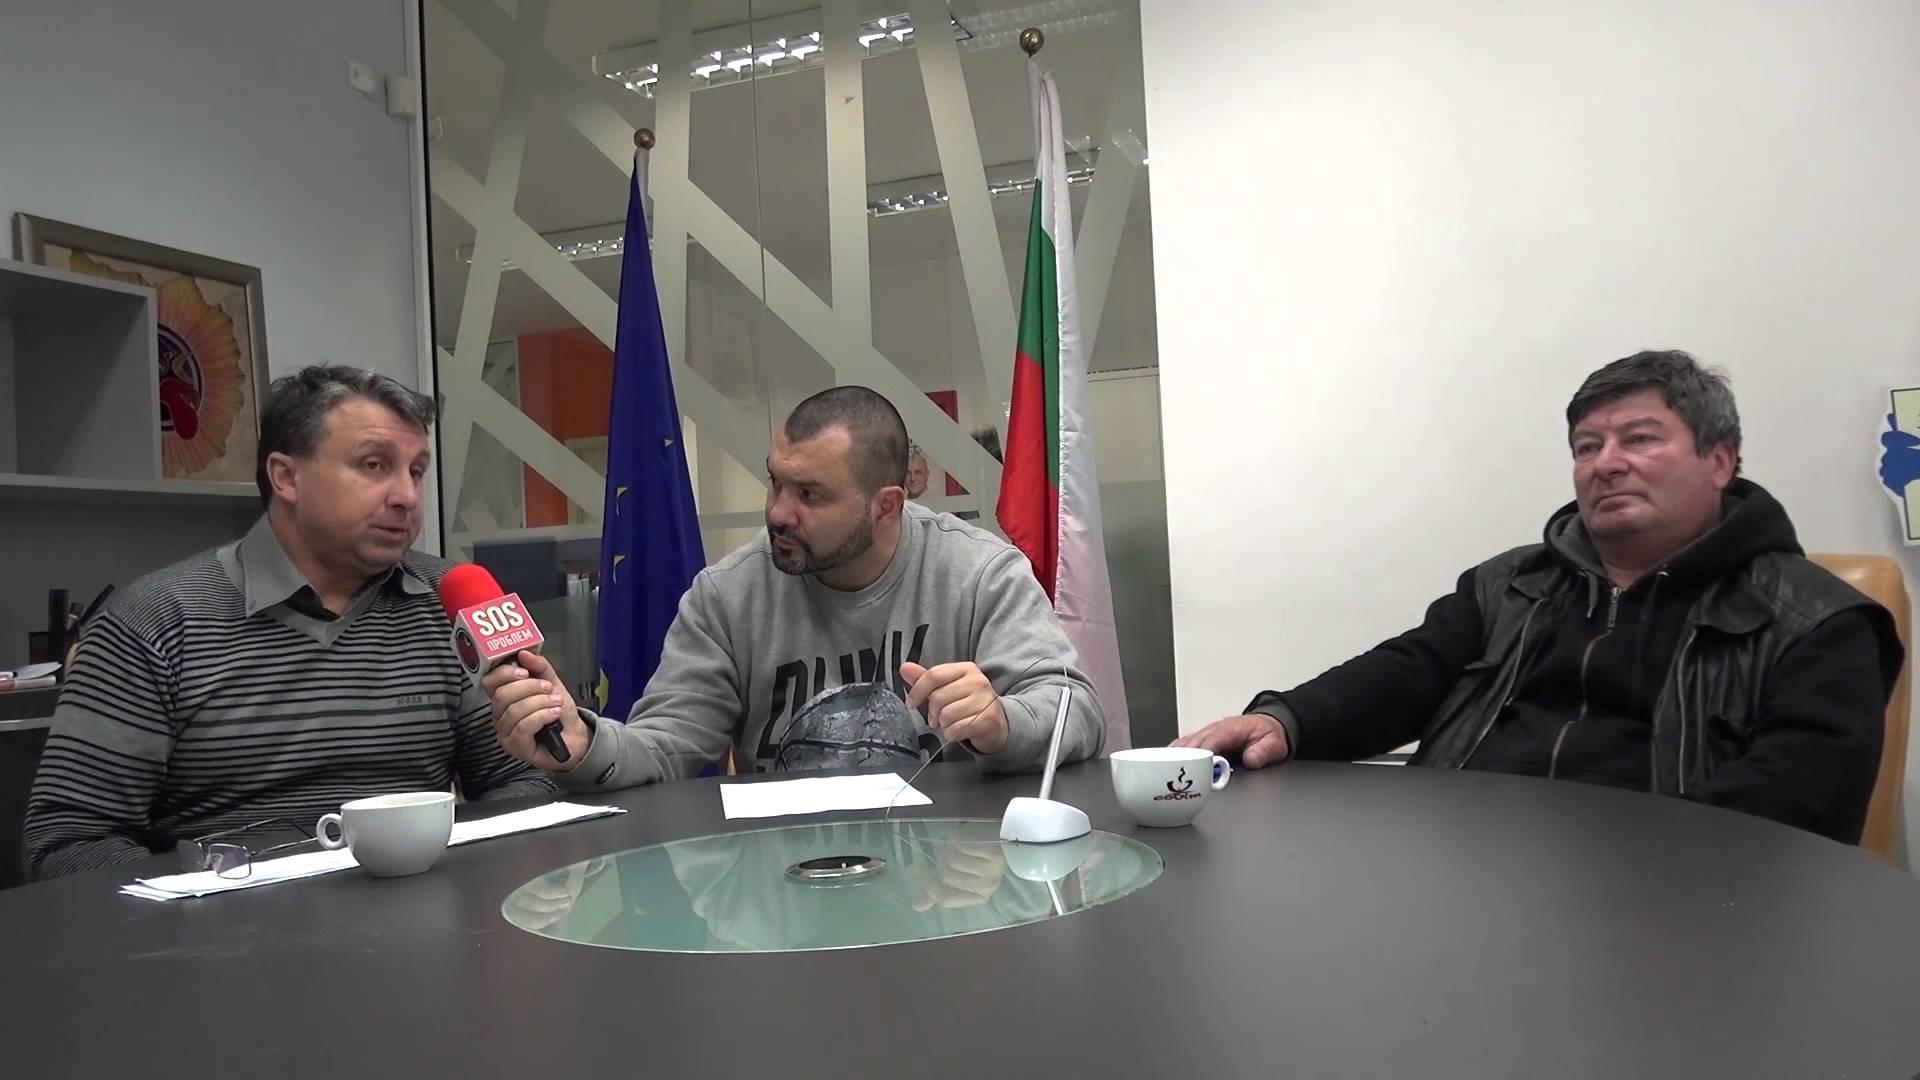 ПП Глас Народен сигнализира за нарушения в Софийски градски транспорт